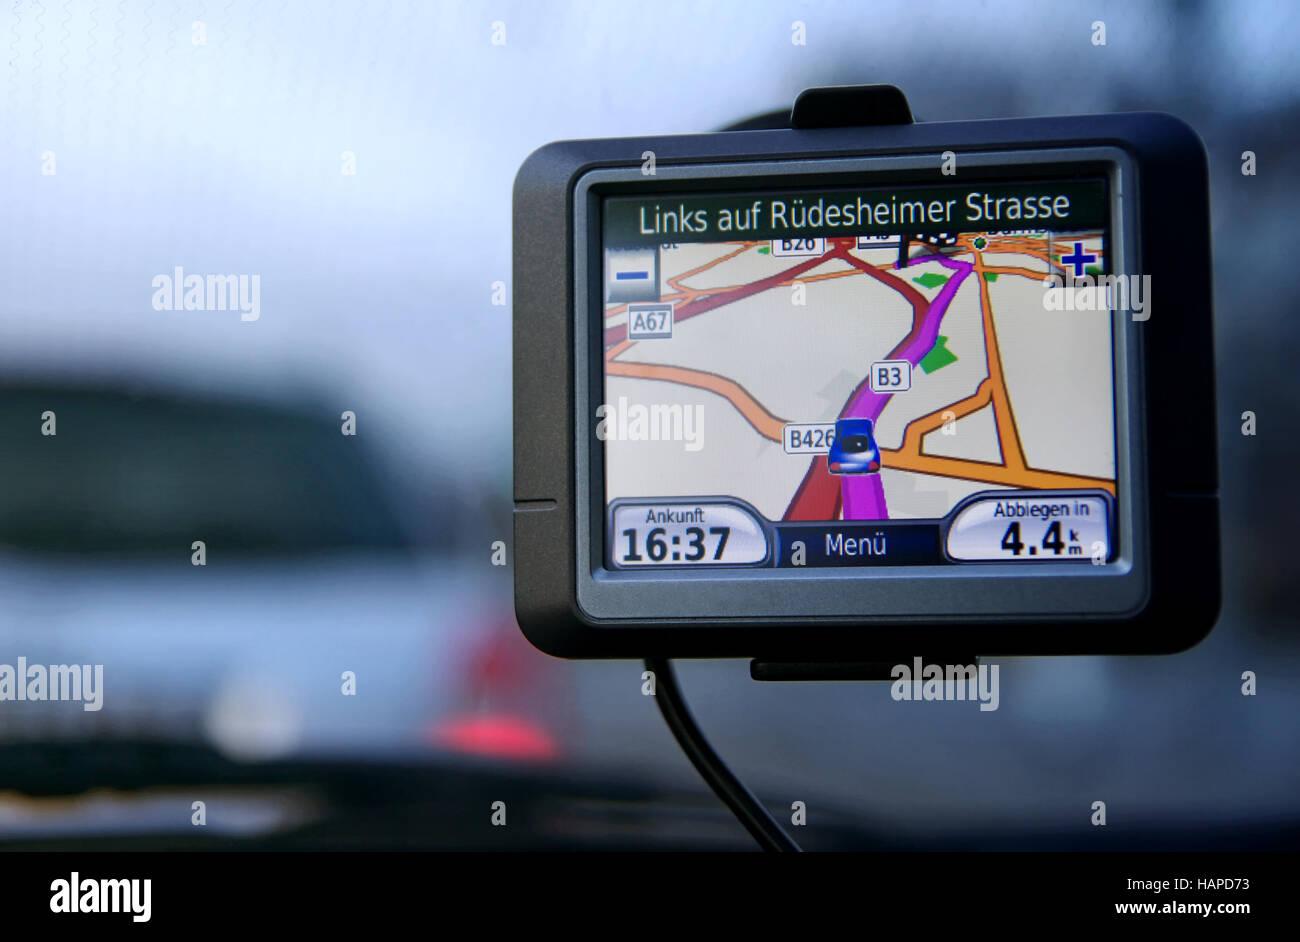 Automotive navigation system - Stock Image